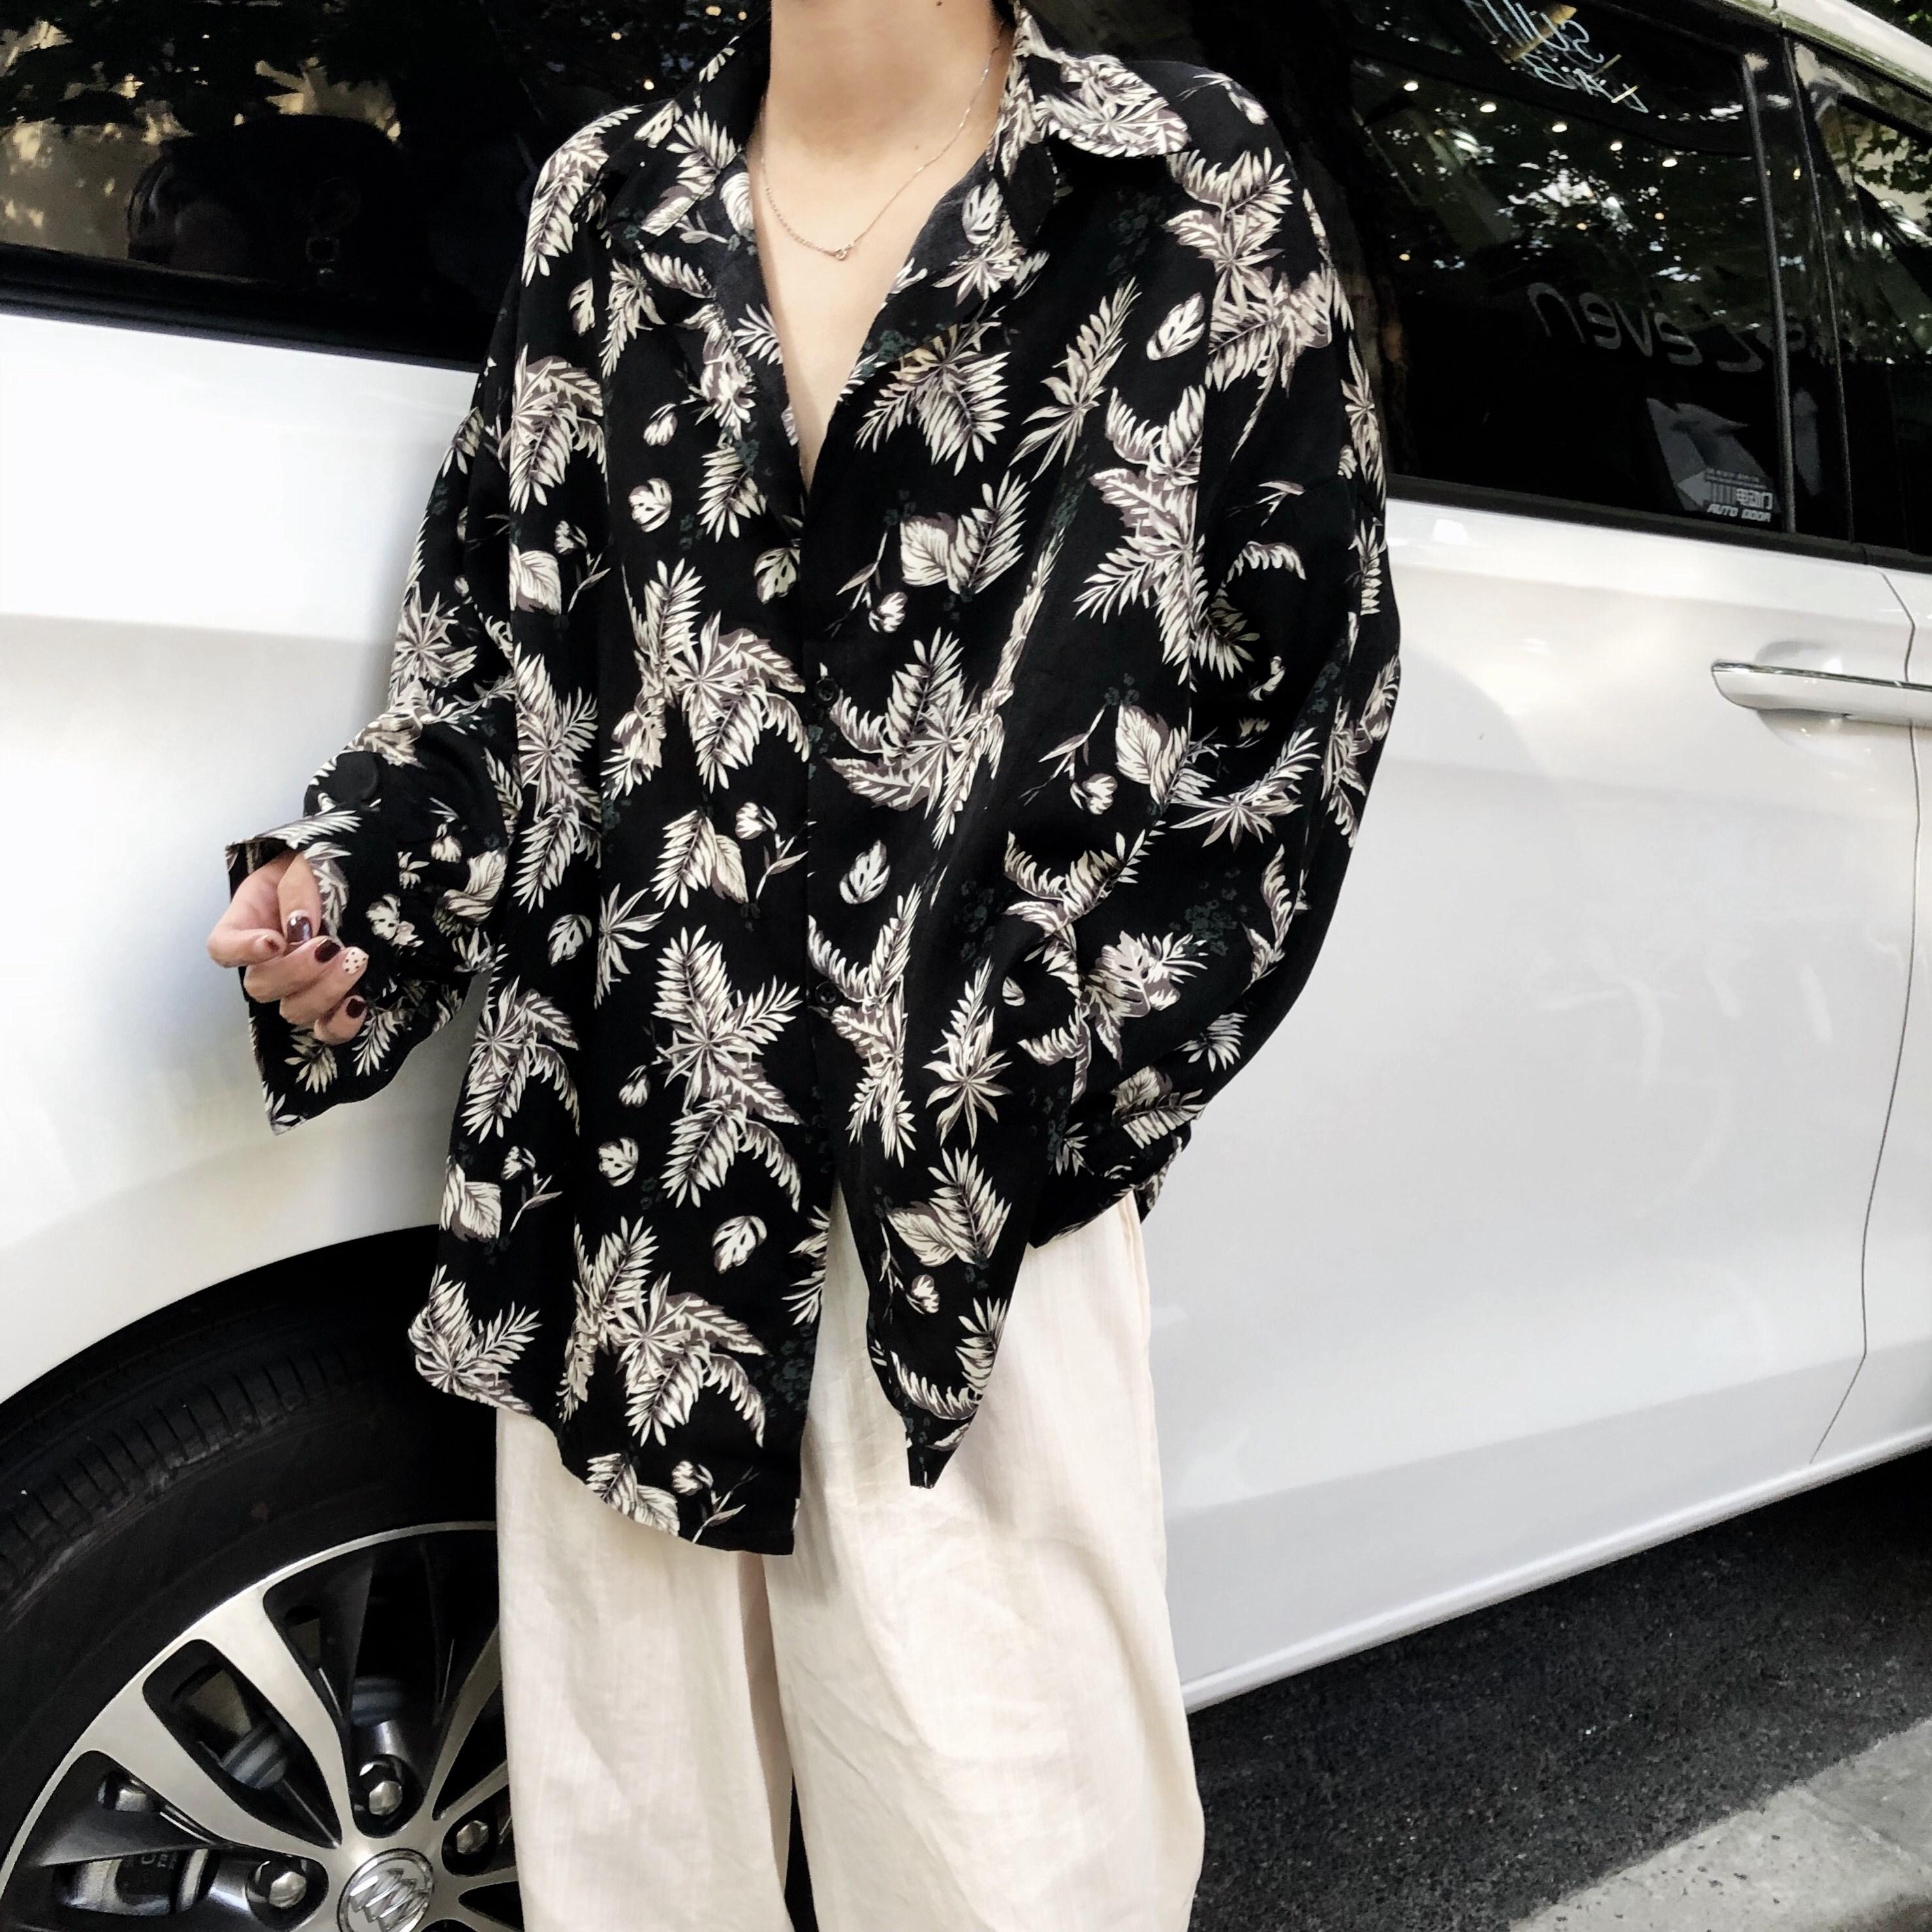 秋季韩版chic大码女装胖MM复古树叶印花衬衫外套长袖防晒衬衣开衫